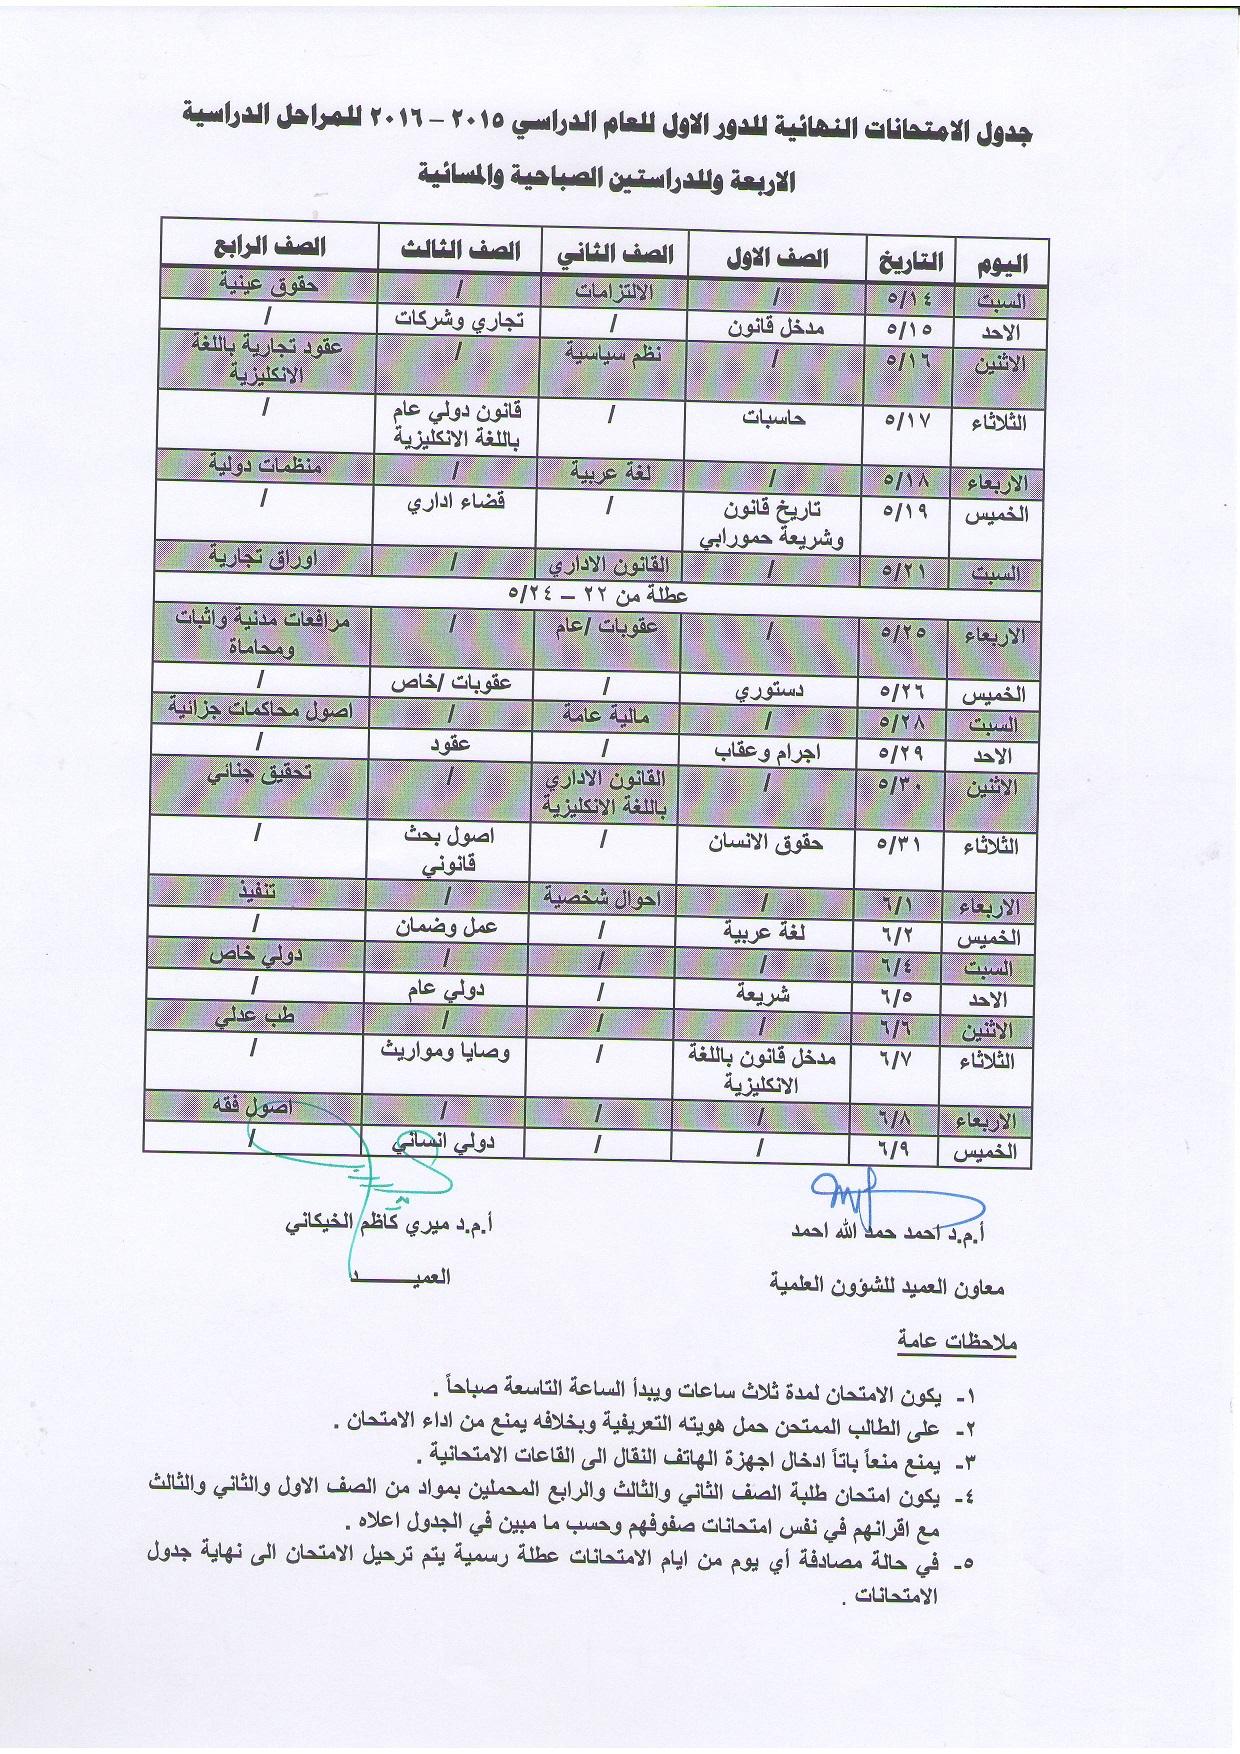 جدول الامتحانات النهائية للدور الاول للعام الدراسي 2015/2016